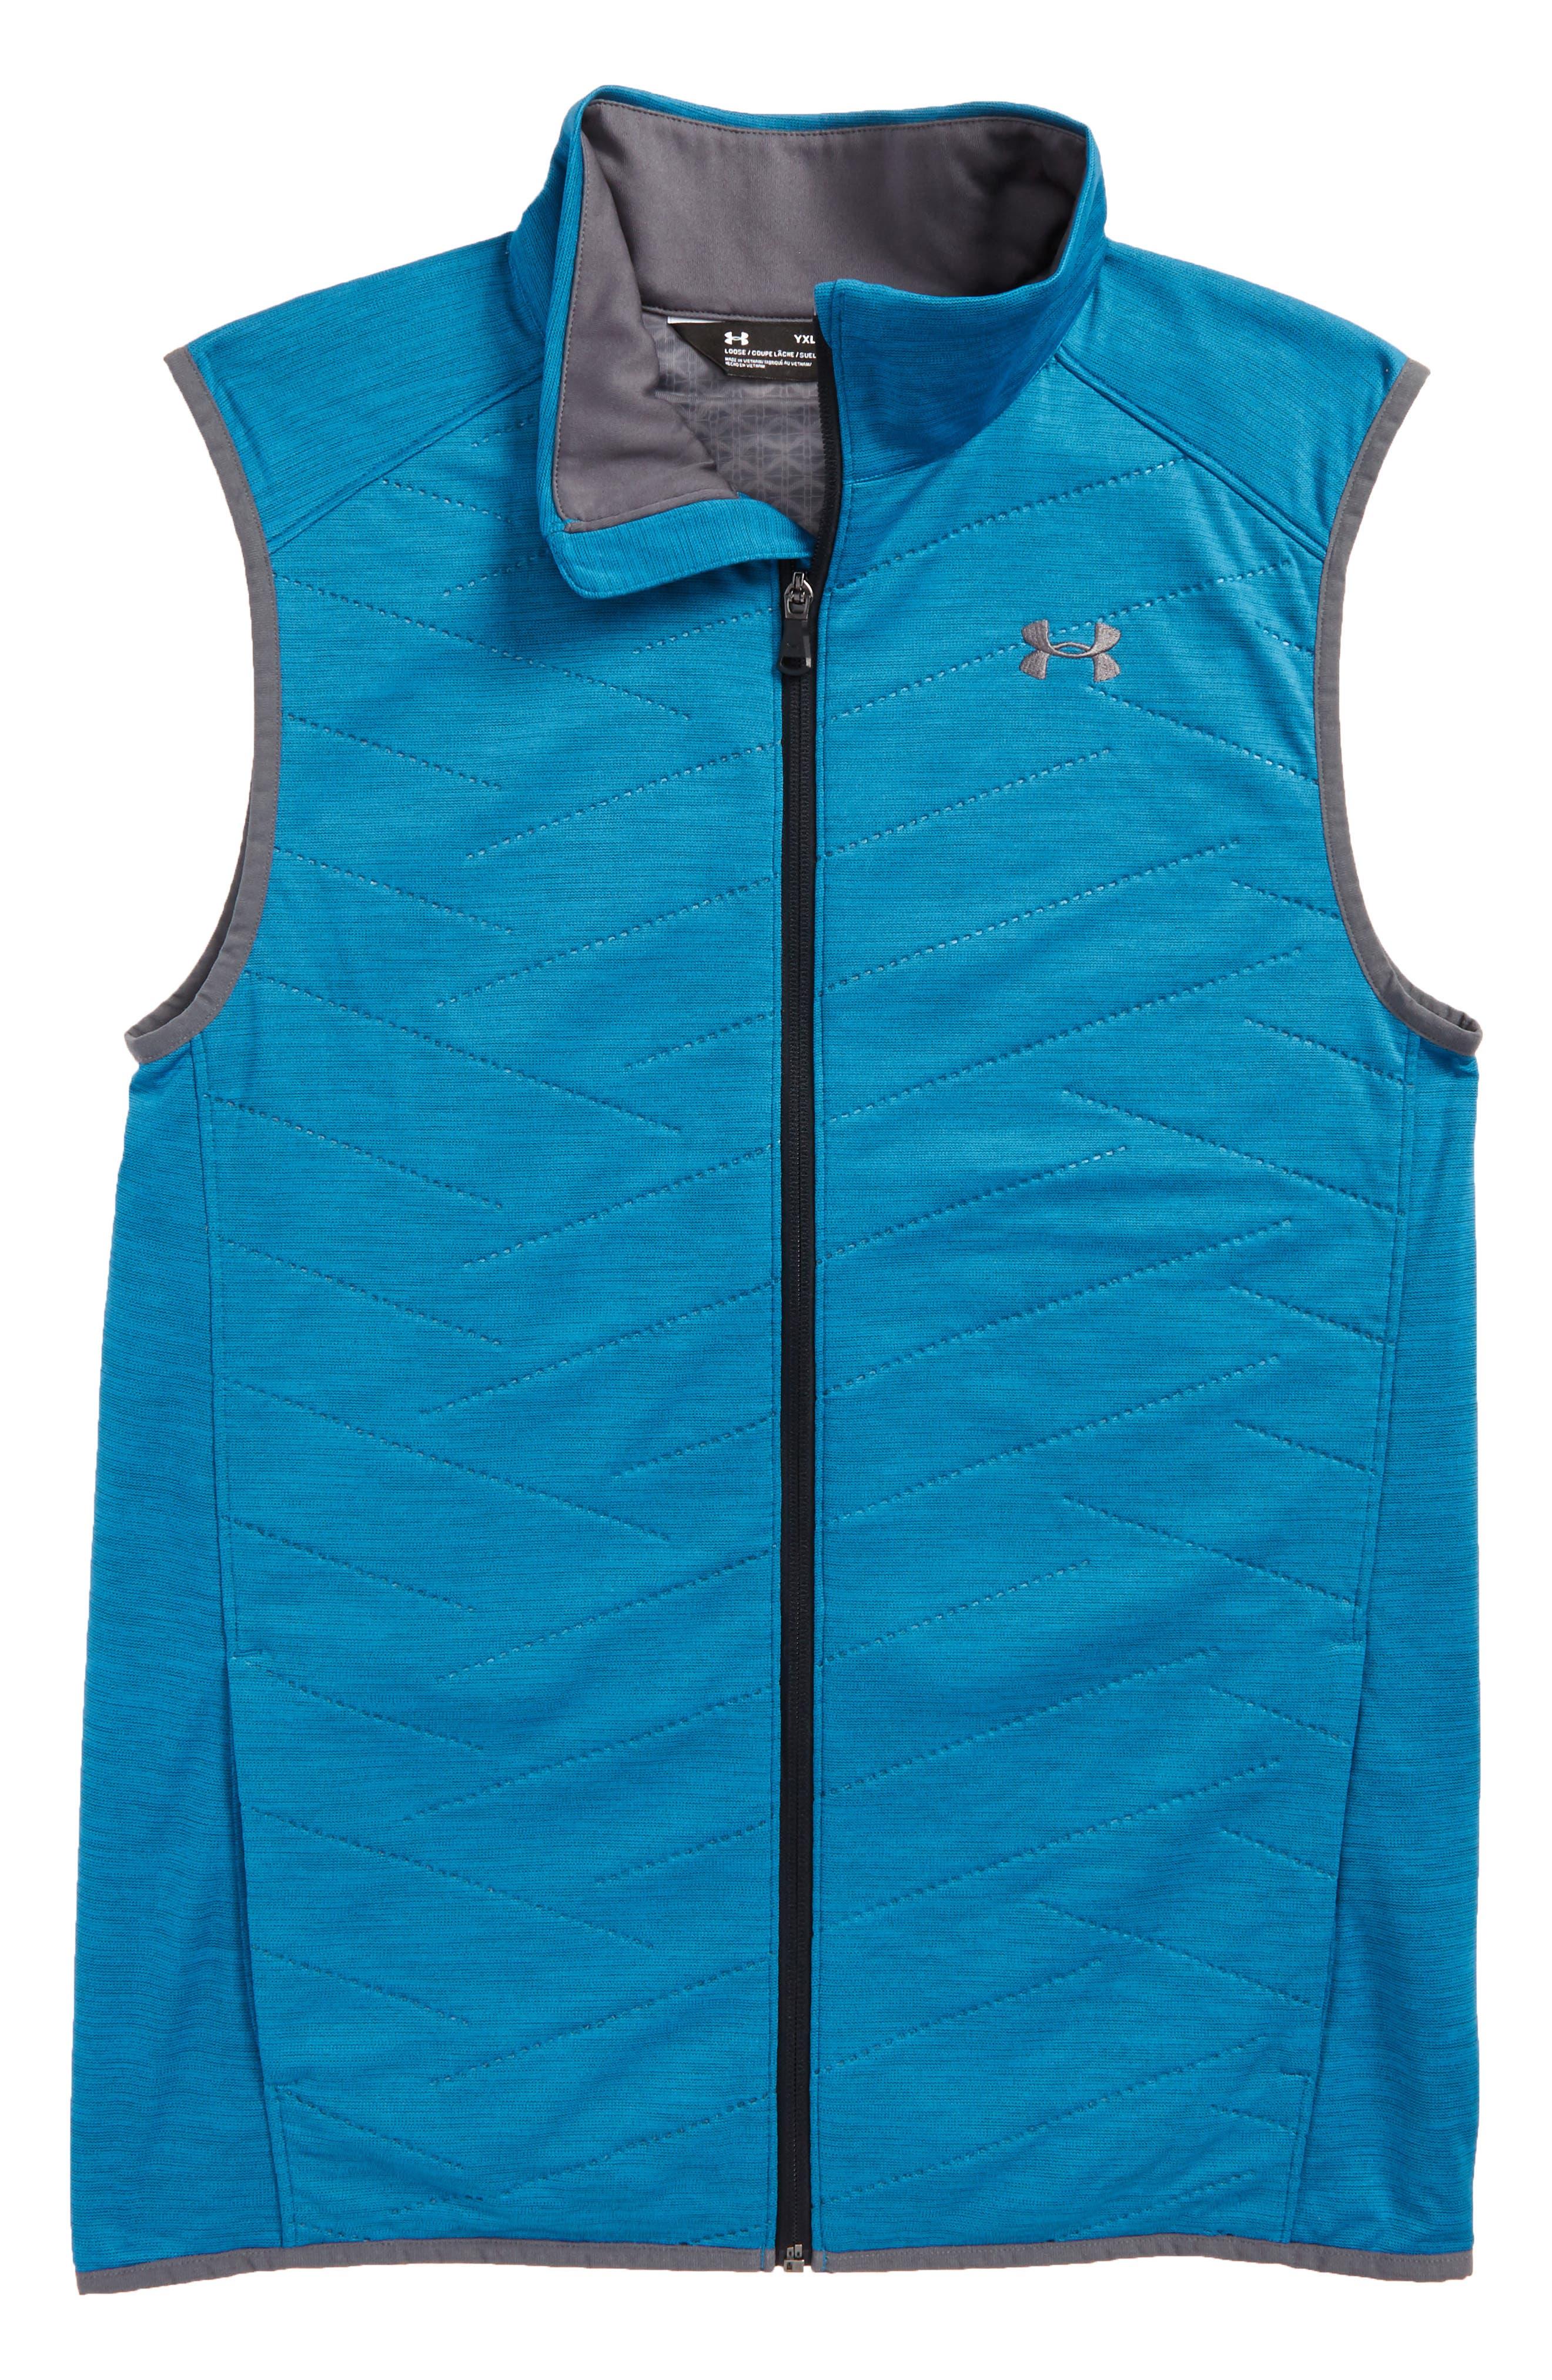 ColdGear<sup>®</sup> Reactor Hybrid Vest,                             Main thumbnail 1, color,                             400